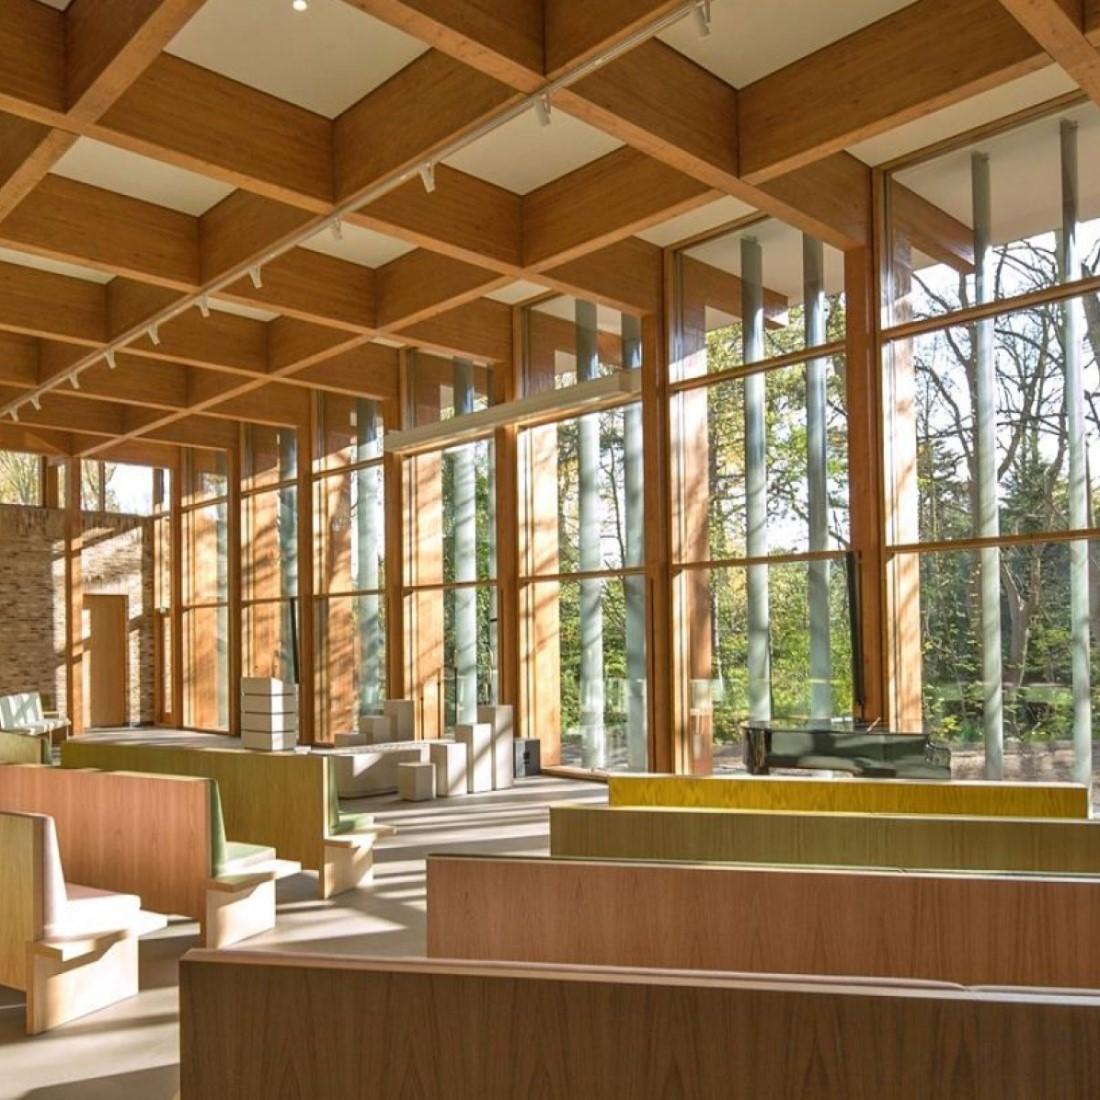 Haagse duinen aula II